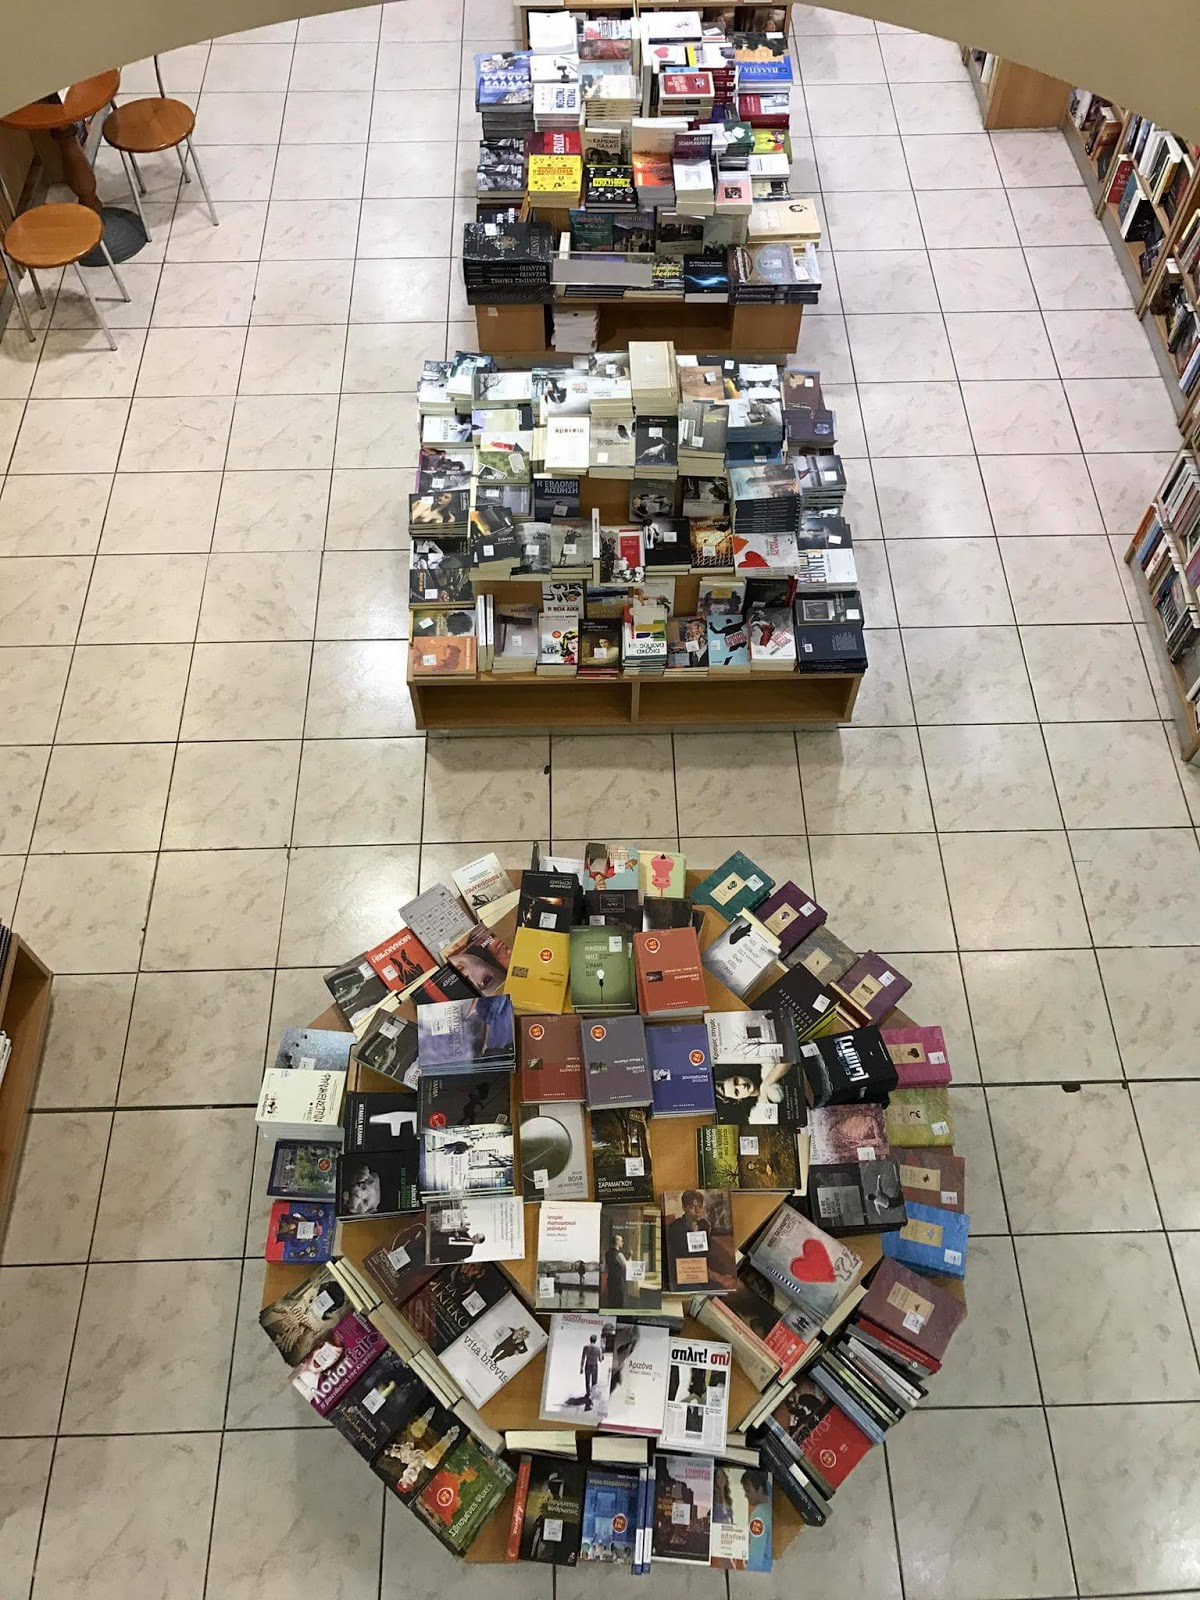 Το φιλόξενο περιβάλλον σε προσκαλεί να τριγυρίζεις στα ράφια και να  ανακαλύψεις βιβλία δυσεύρετα που σε προσκαλούν να ταξιδέψεις μαζί τους. Το  βιβλιοπωλείο ... 1134b5d6031